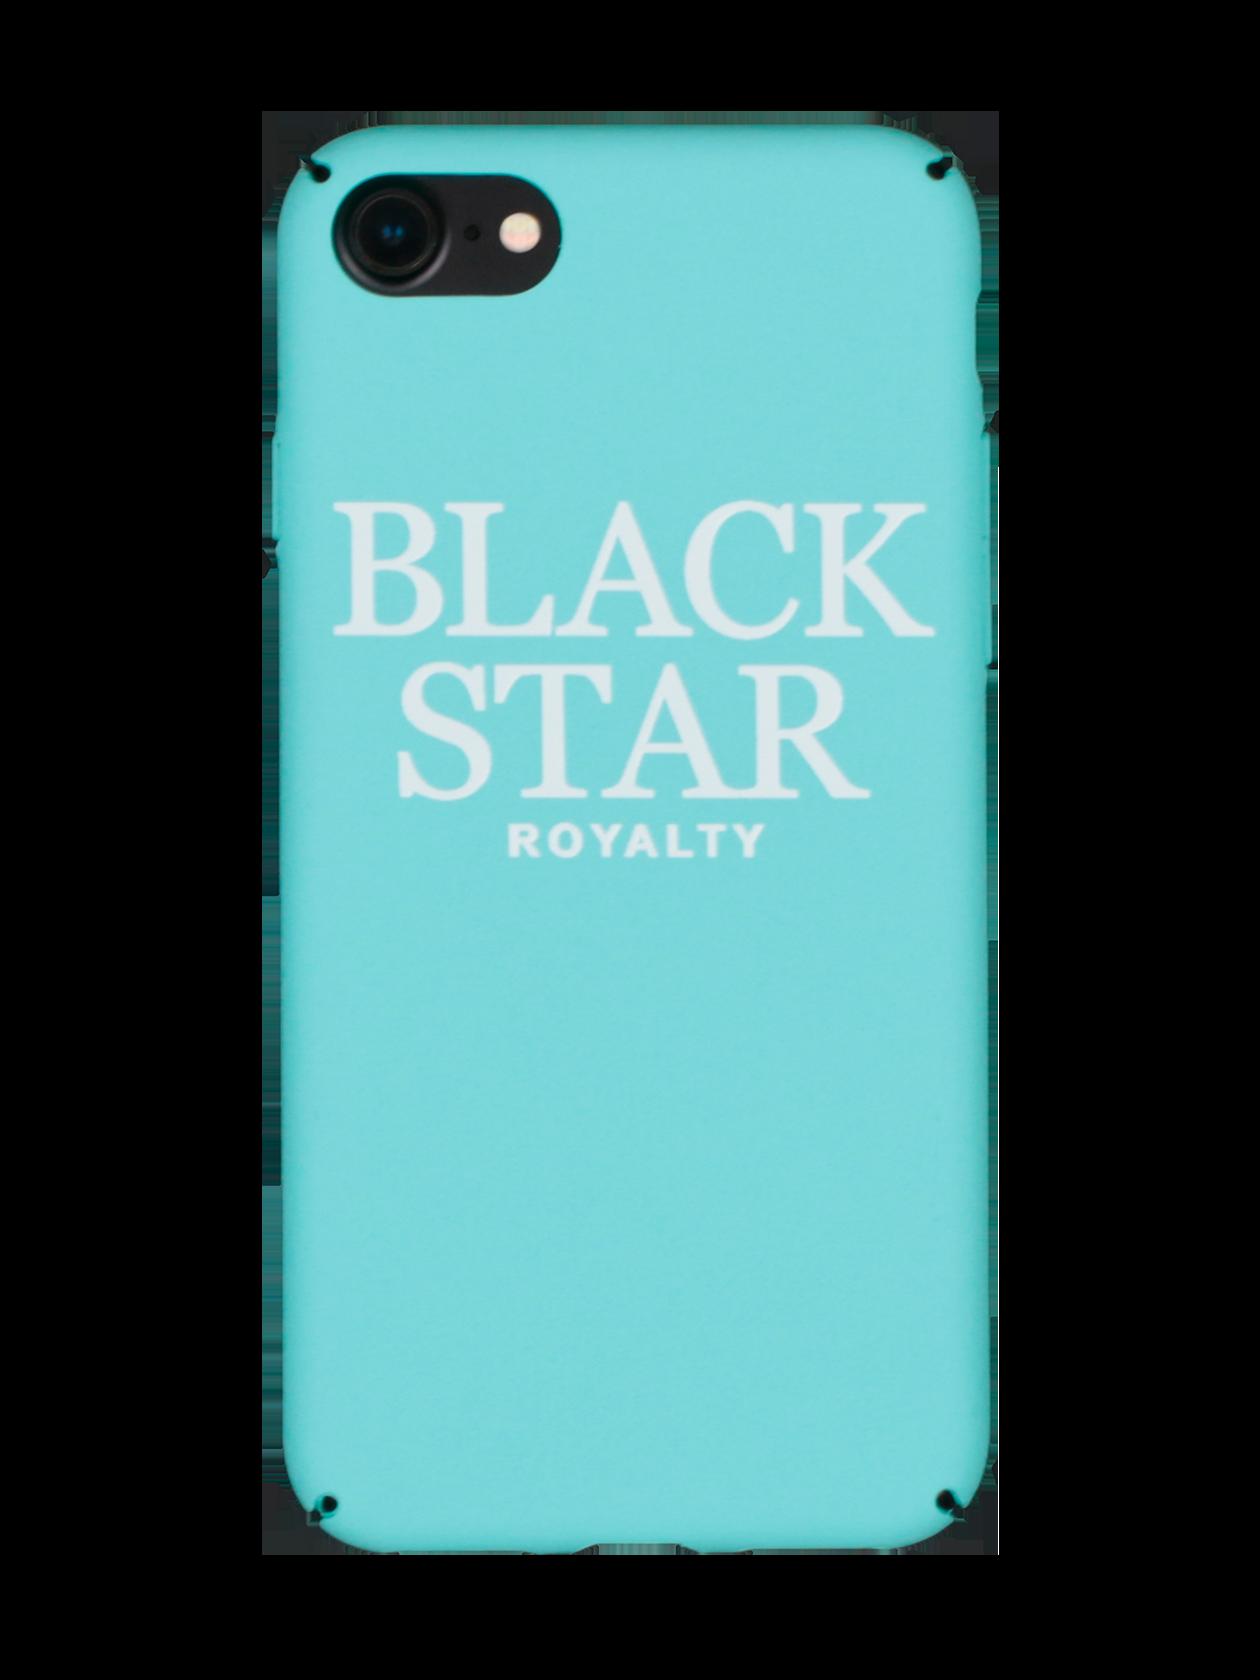 Чехол для телефона ROYALTY BLACK STARПрактичный чехол для телефона Royalty Black Star в виде задней стенки мобильного устройства. Модель создана из прочного пластика, предотвращающего образование трещин, сколов на корпусе гаджета и попадание пыли. Изделие привлекает внимание яркой ментоловой расцветкой. В комбинации с фирменной надписью Black Star Royalty чехол становится стильным аксессуаром для любимого девайса. Он идеально повторяет форму телефона, оставляя доступ к имеющимся разъемам и опциям.<br><br>Размер: 6+<br>Цвет: Ментоловый<br>Пол: Унисекс